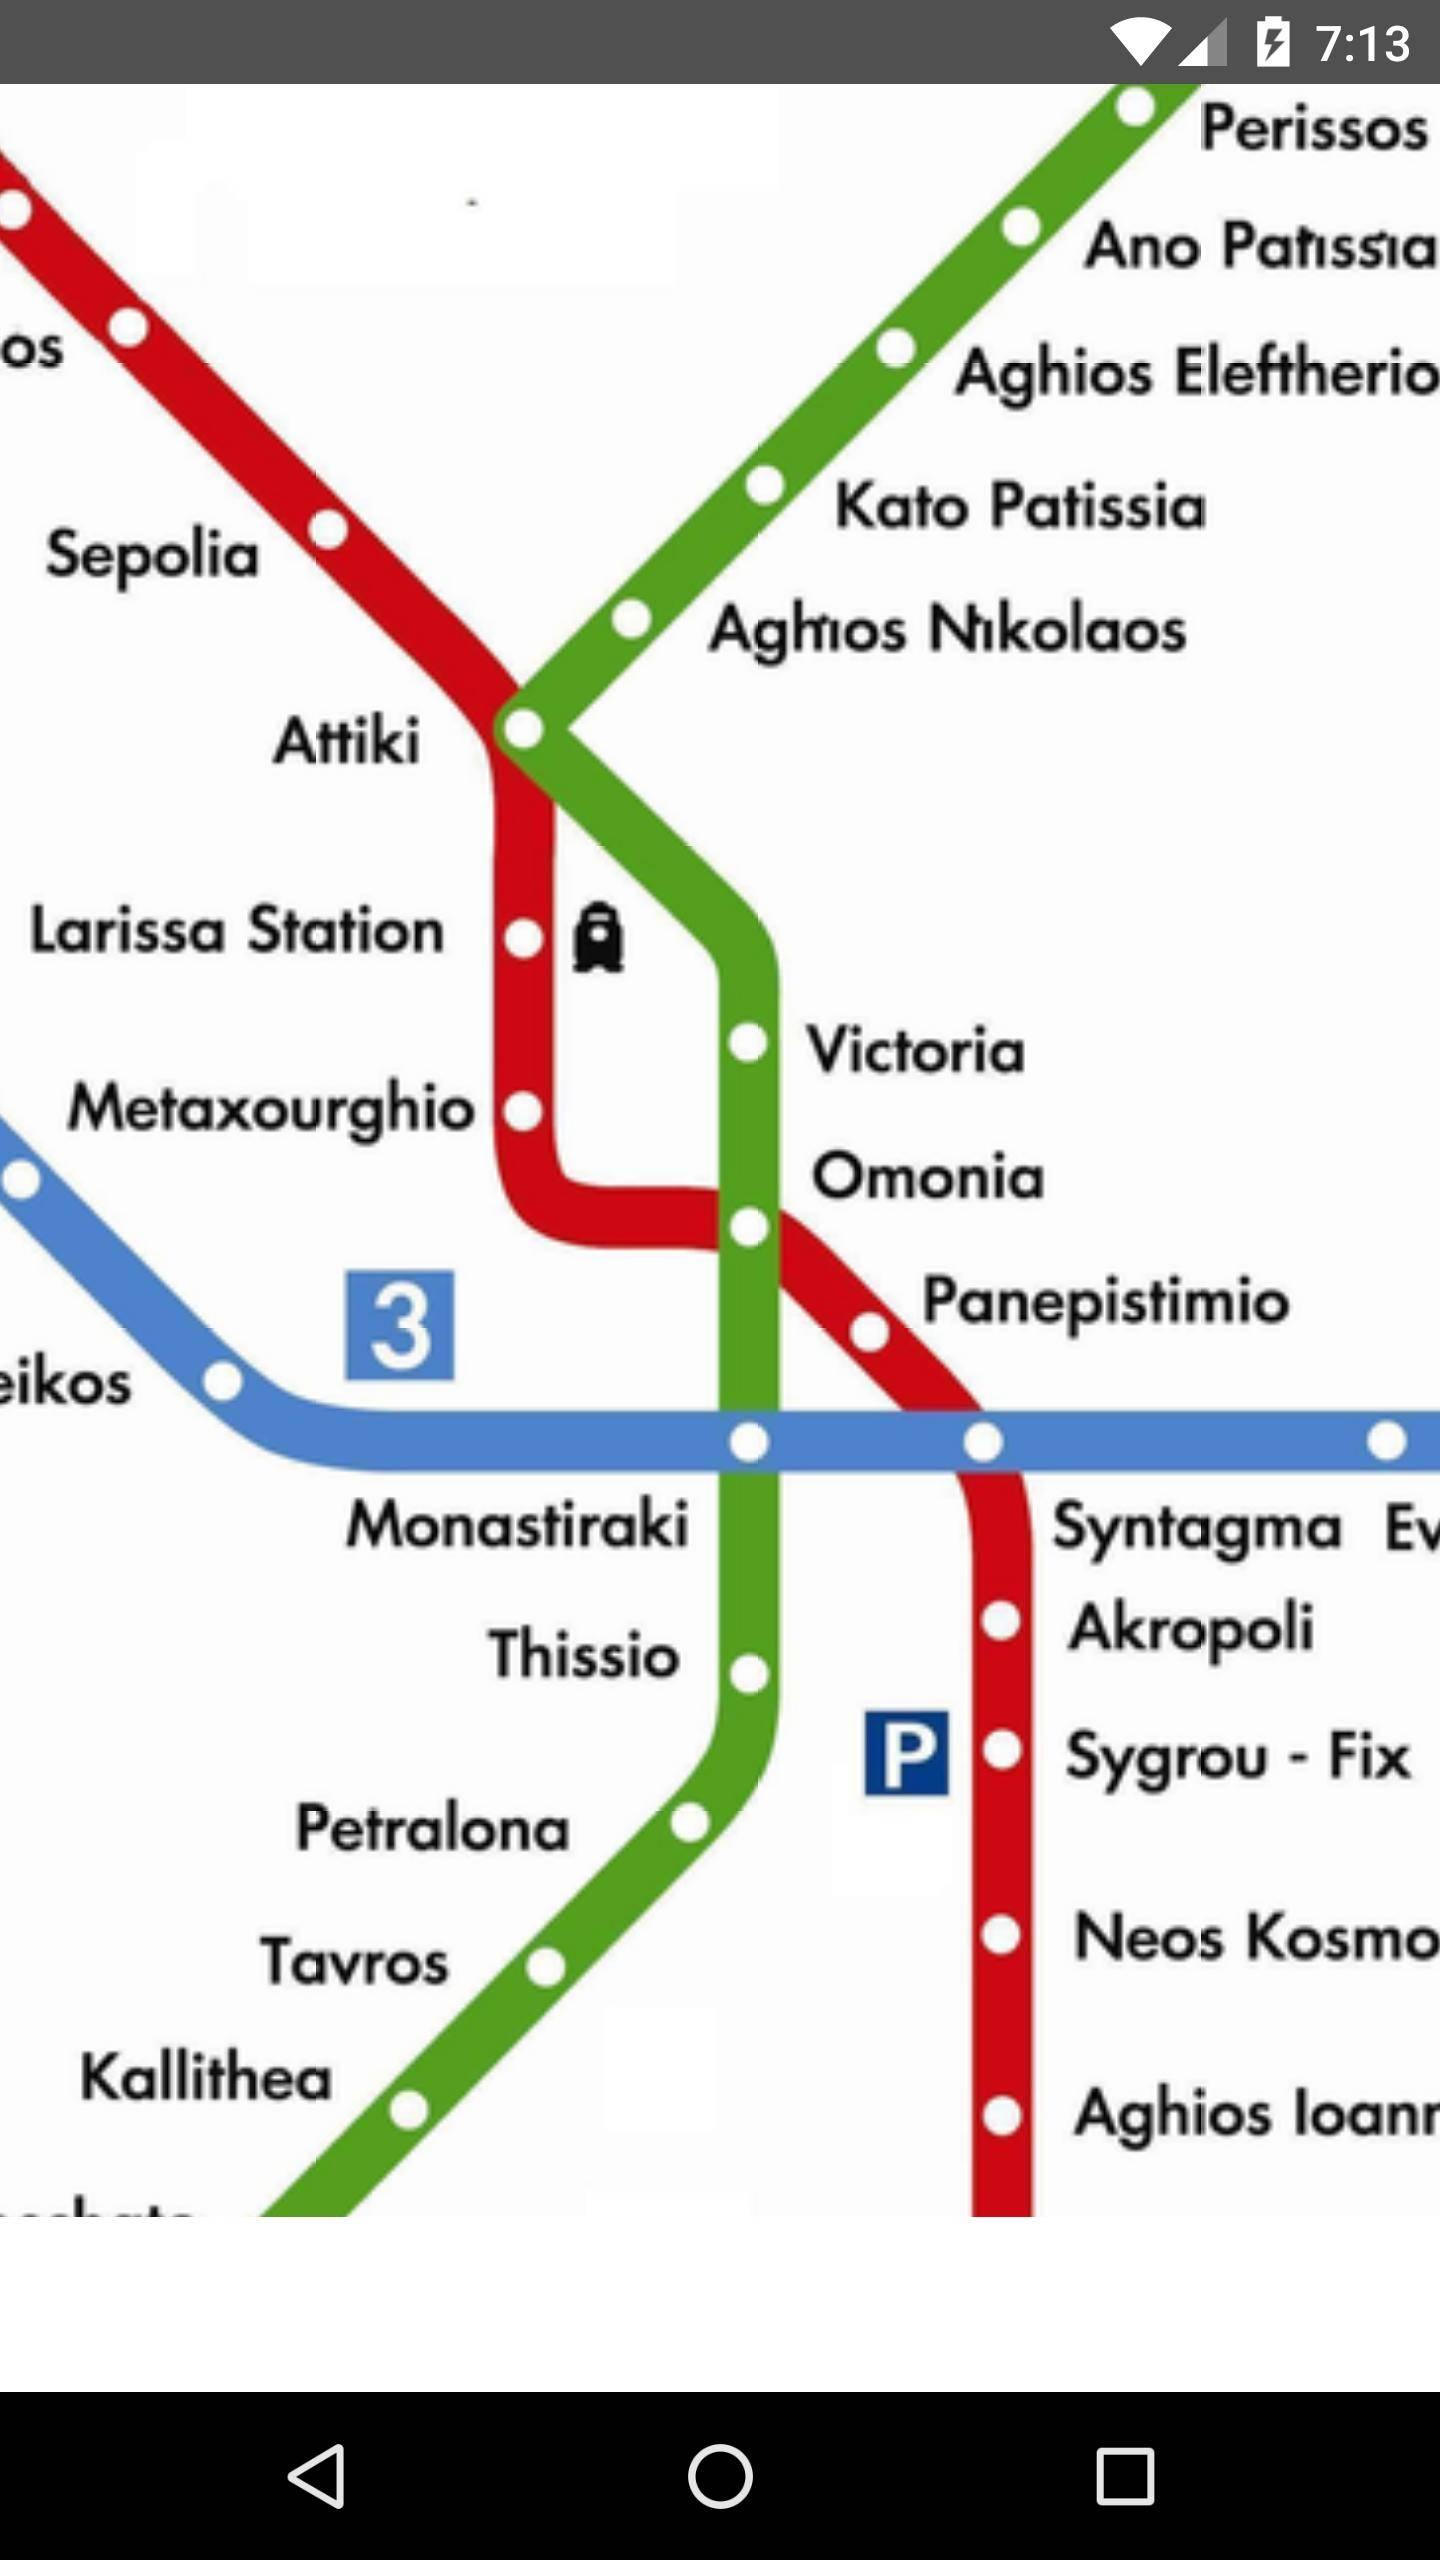 До скольки работает метро в афинах – транспорт афины